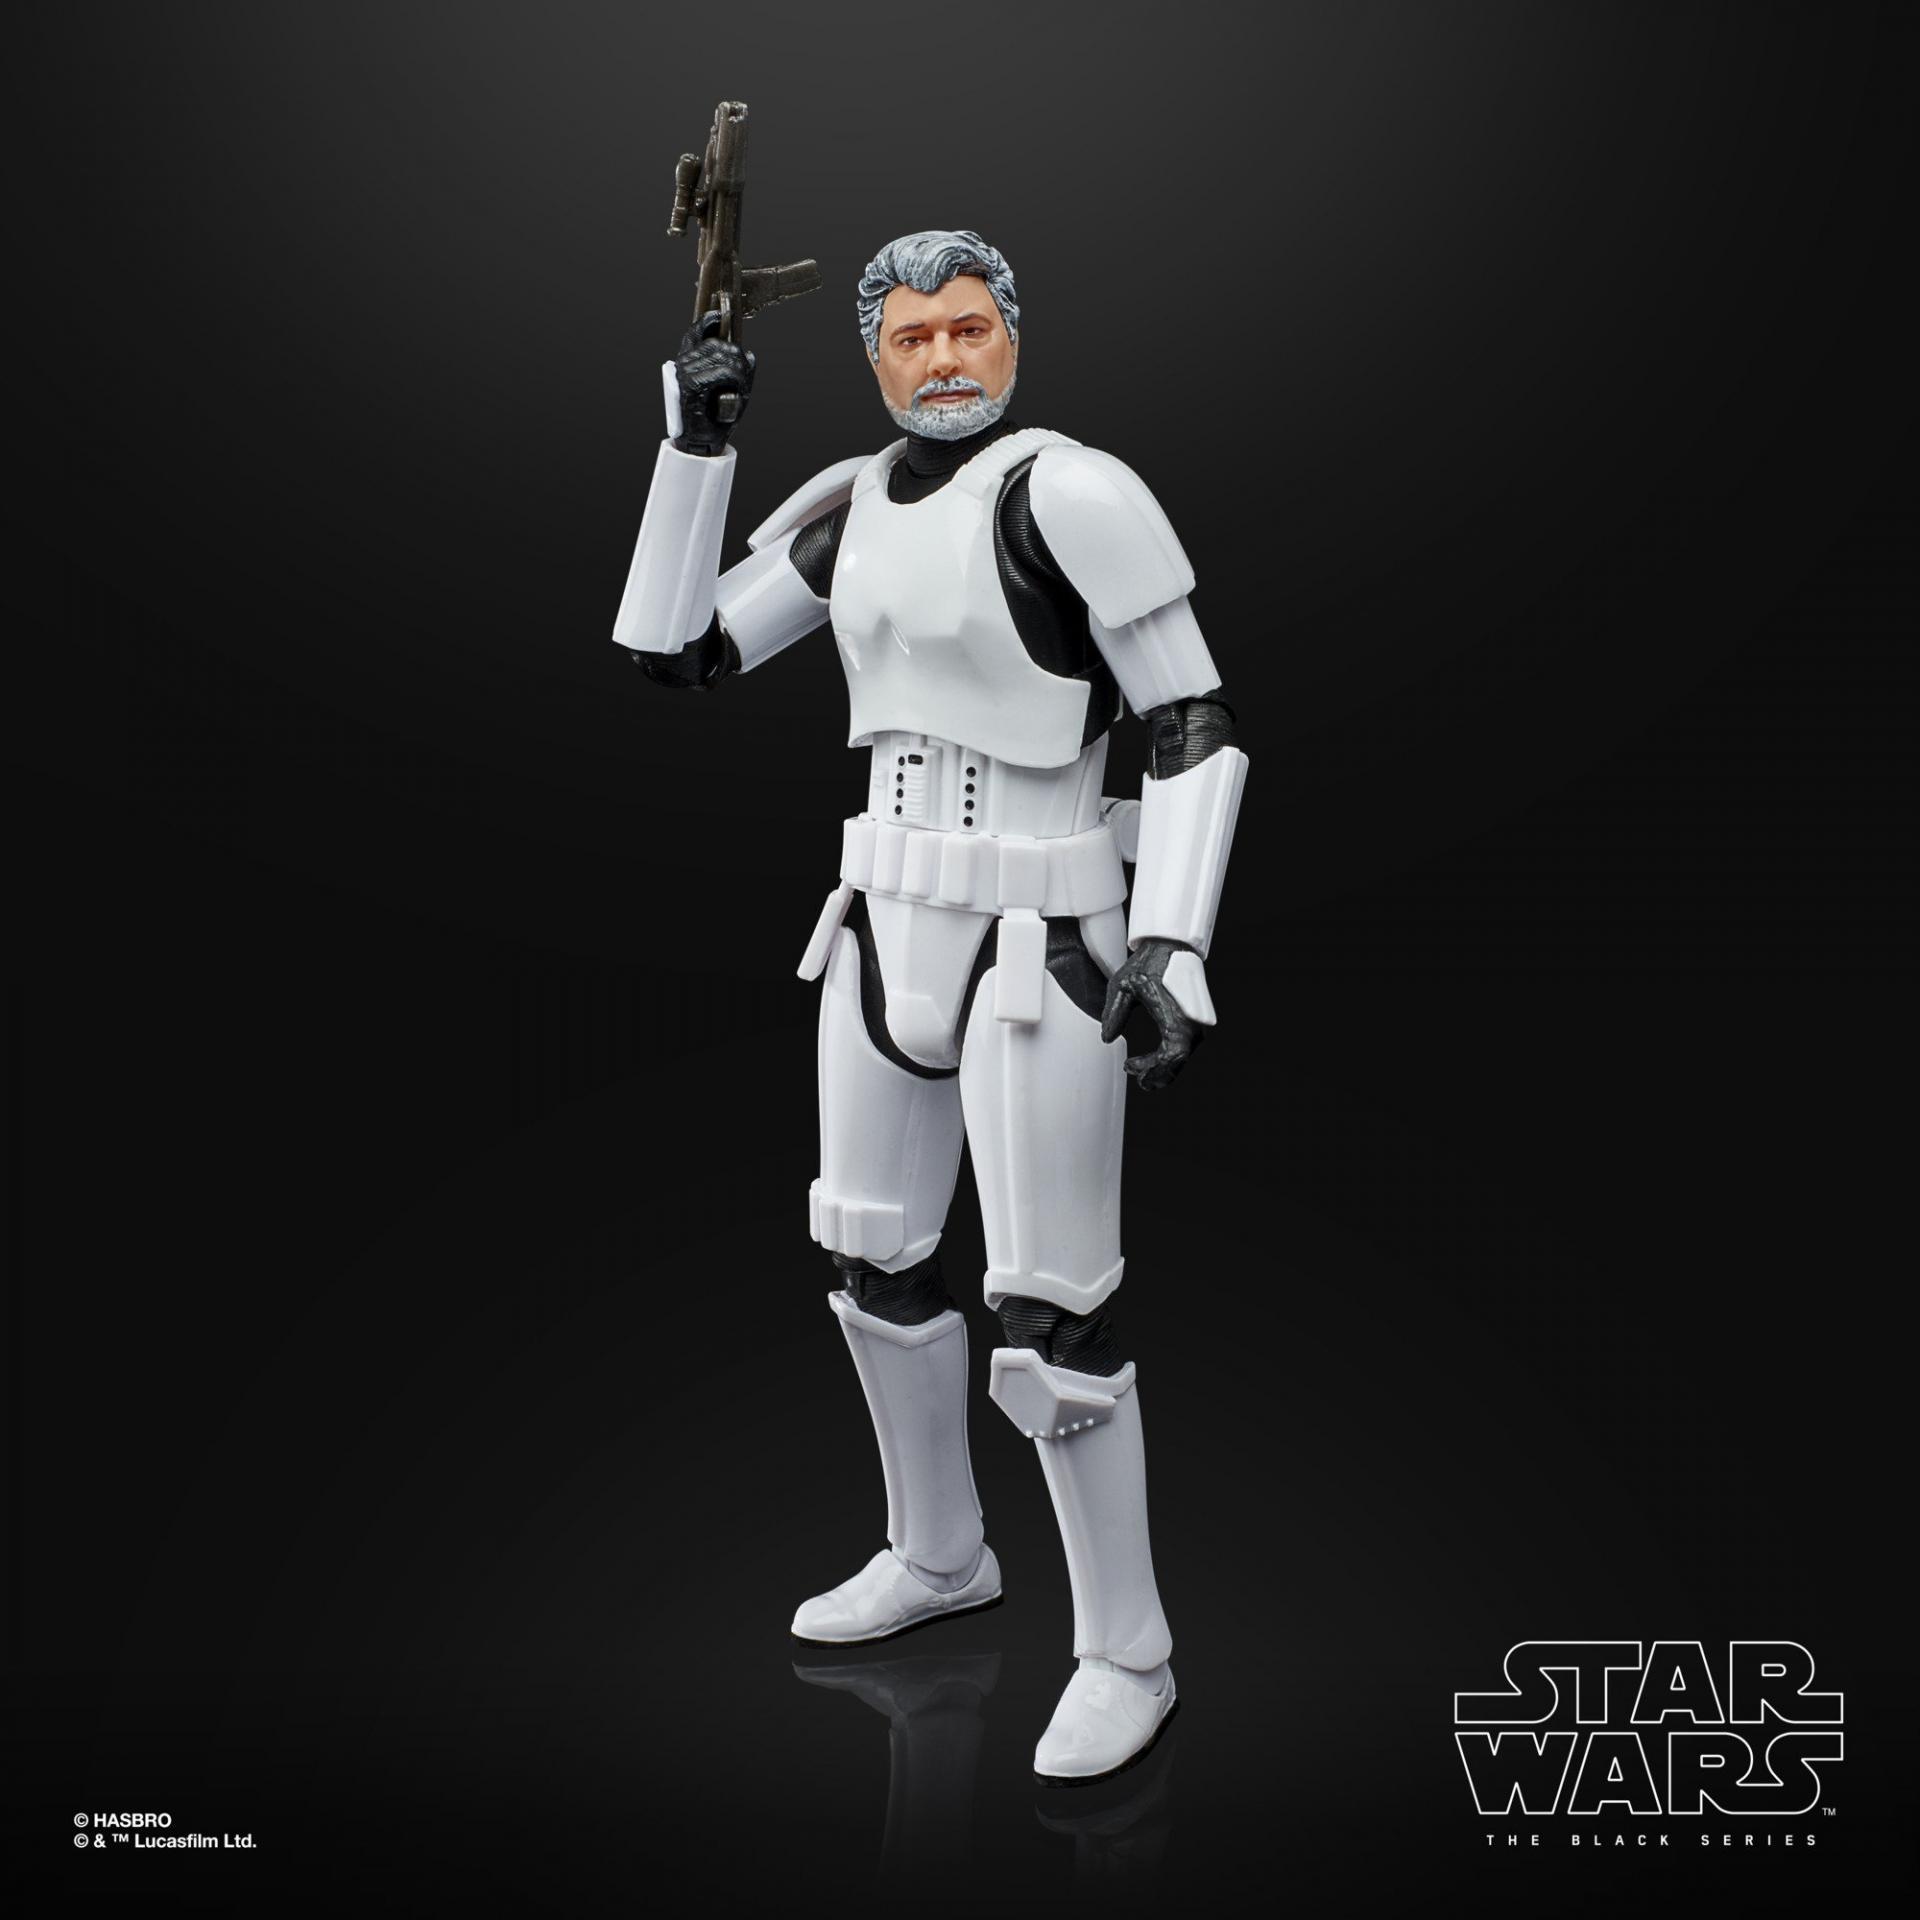 Star wars the black series george lucas in stormtrooper disguise 1